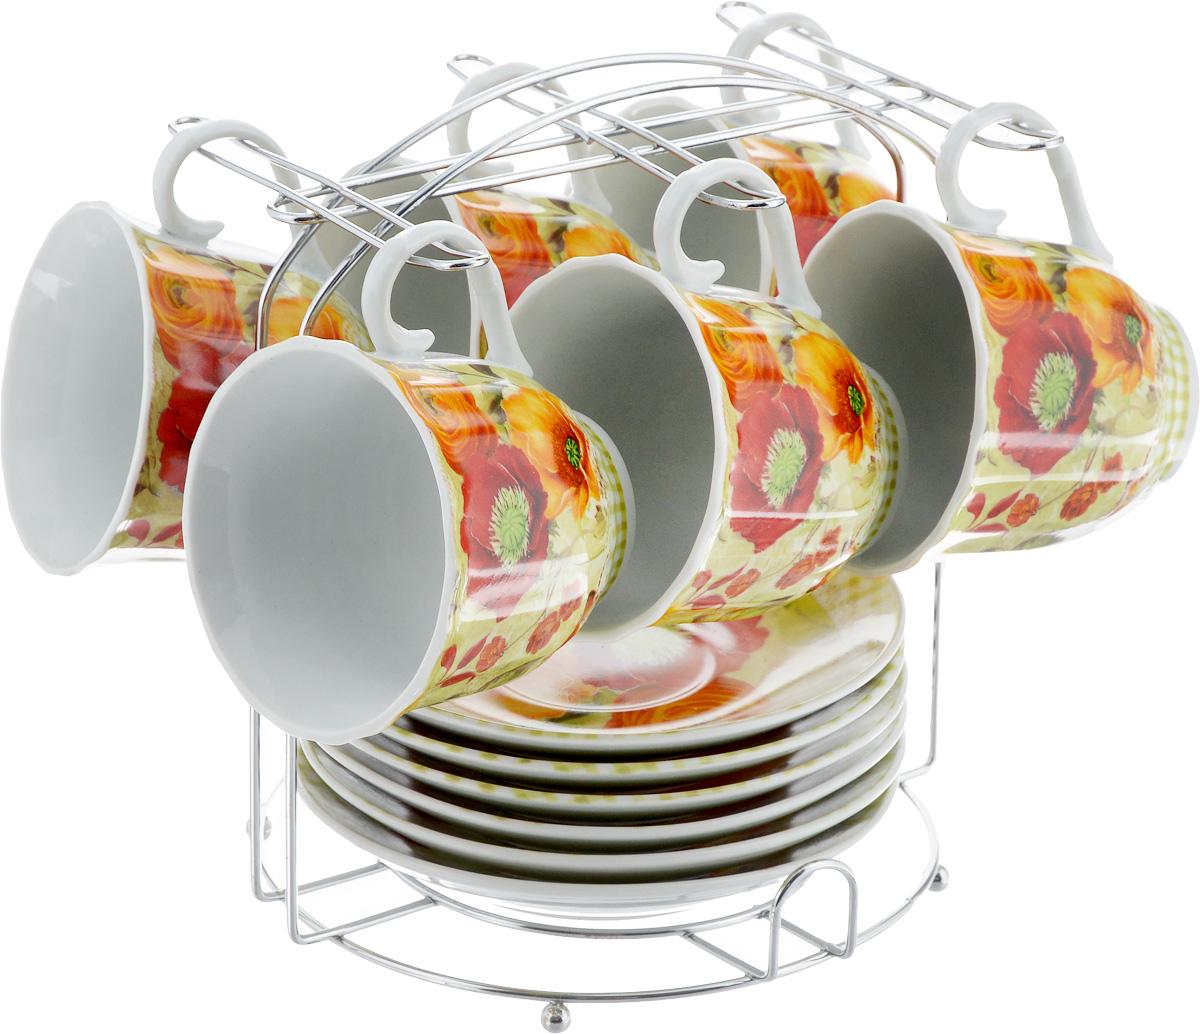 Набор чайный Bella, на подставке, 13 предметов. DL-F6MS-179DL-F6MS-179Набор Bella состоит из шести чашек и шести блюдец, изготовленных из высококачественного фарфора. Чашки оформлены красочным рисунком. Изделия расположены на металлической подставке. Такой набор подходит для подачи чая или кофе. Изящный дизайн придется по вкусу и ценителям классики, и тем, кто предпочитает утонченность и изысканность. Он настроит на позитивный лад и подарит хорошее настроение с самого утра. Чайный набор Bella - идеальный и необходимый подарок для вашего дома и для ваших друзей в праздники. Объем чашки: 220 мл. Диаметр чашки (по верхнему краю): 8 см. Высота чашки: 7 см. Диаметр блюдца: 14 см. Высота блюдца: 2 см. Размер подставки: 17,5 х 17 х 19,3 см.